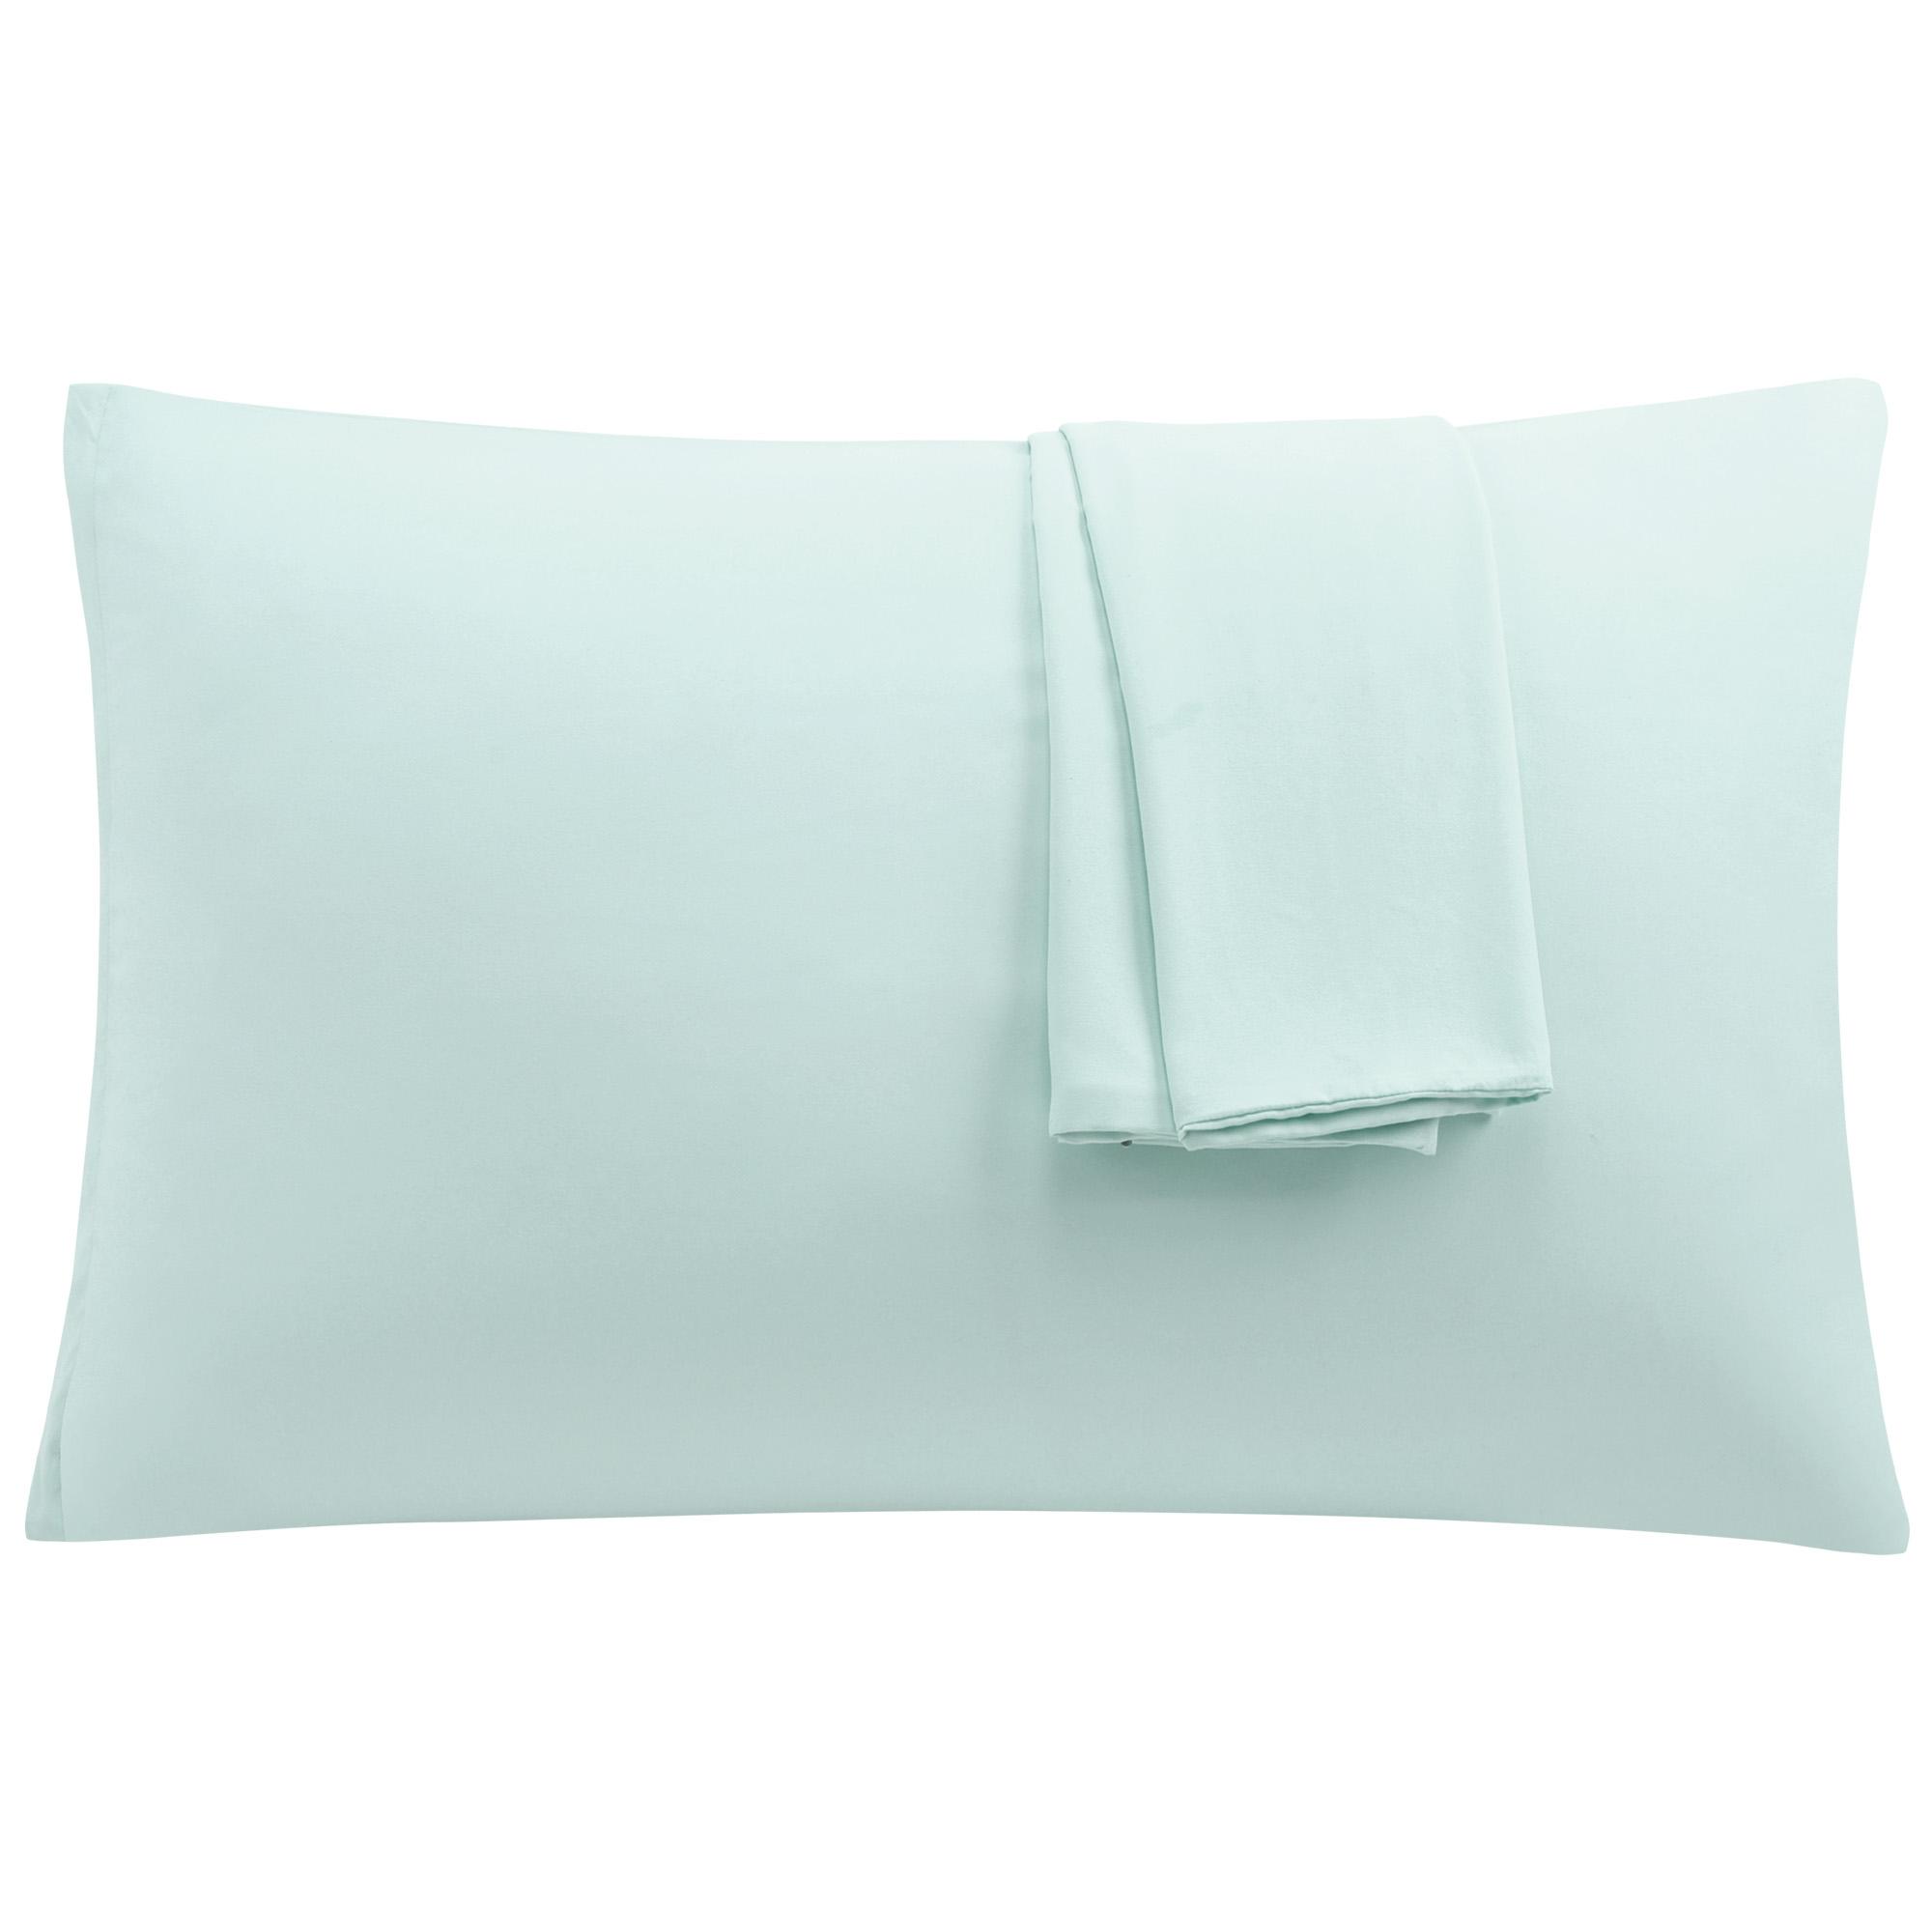 Light Gray Pillowcases Soft Microfiber Pillow Case with Zipper Queen, 2 Pack